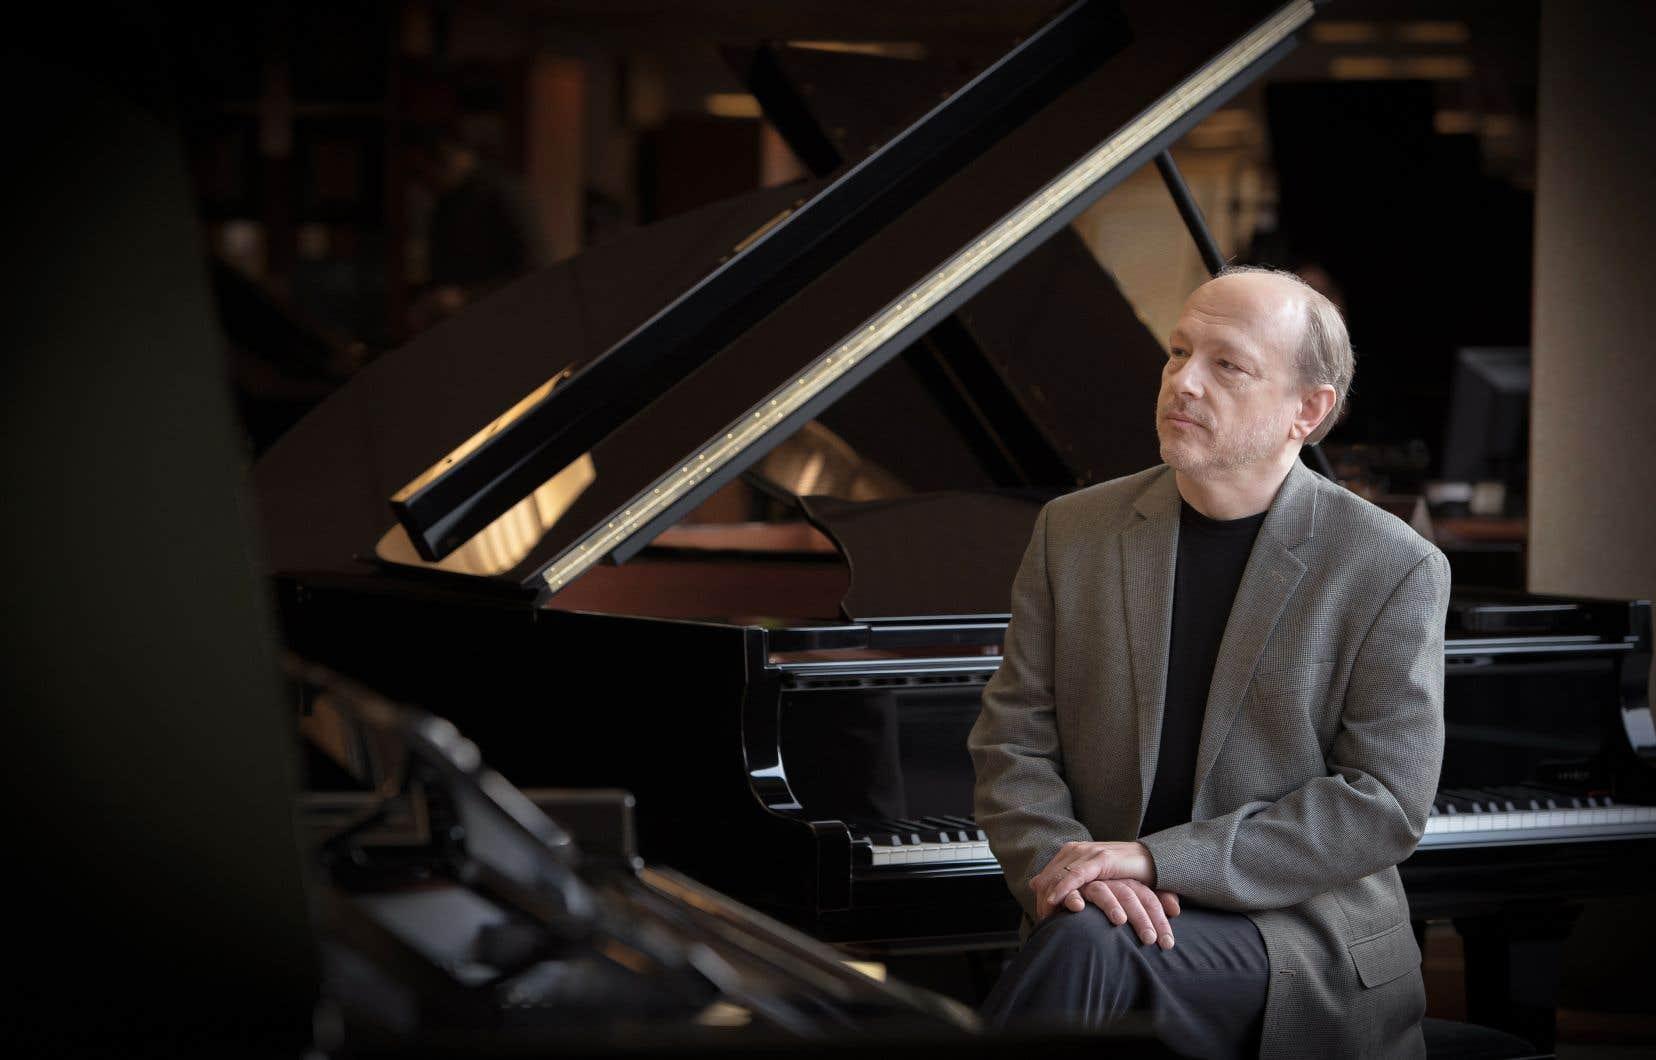 Le pianiste québécois Marc-André Hamelin donnera samedi soir le coup d'envoi à un festival qui renferme, pour ses débuts, un minifestival de piano.